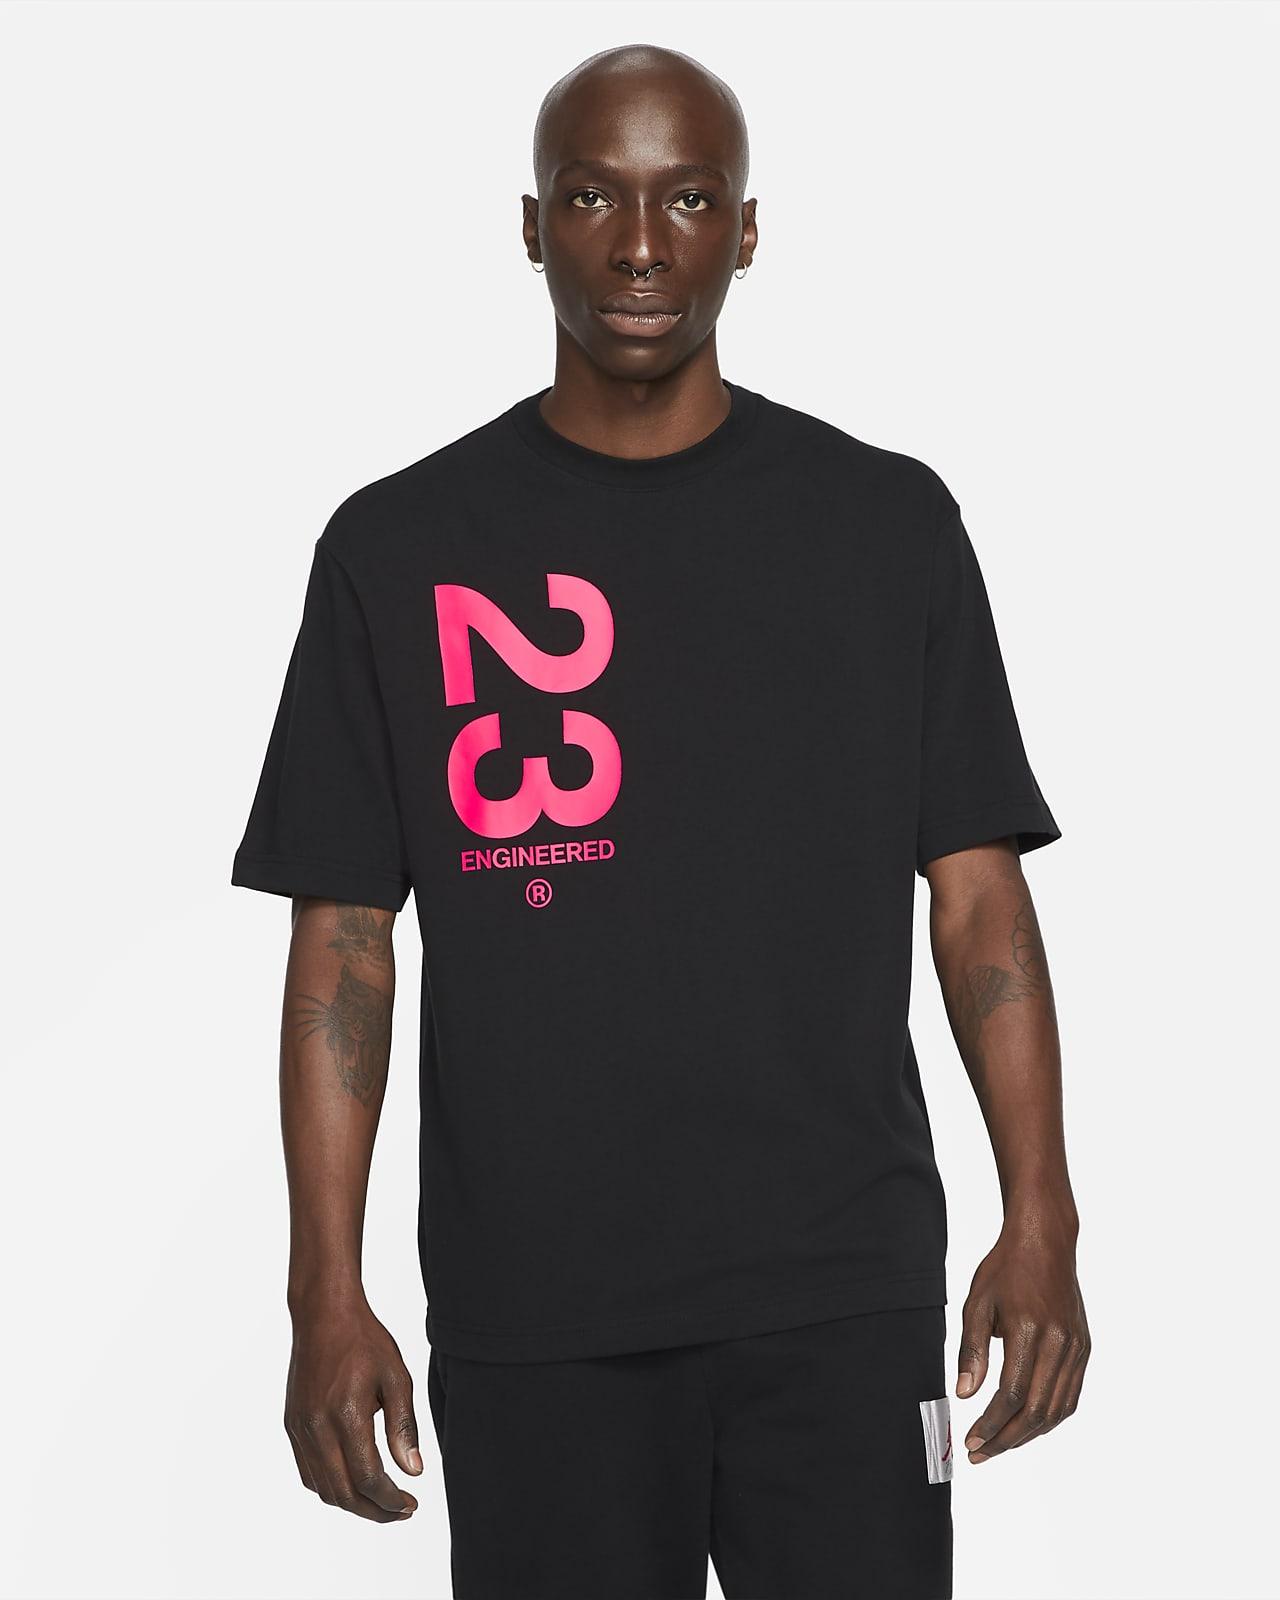 Jordan 23 Engineered Kısa Kollu Erkek Tişörtü